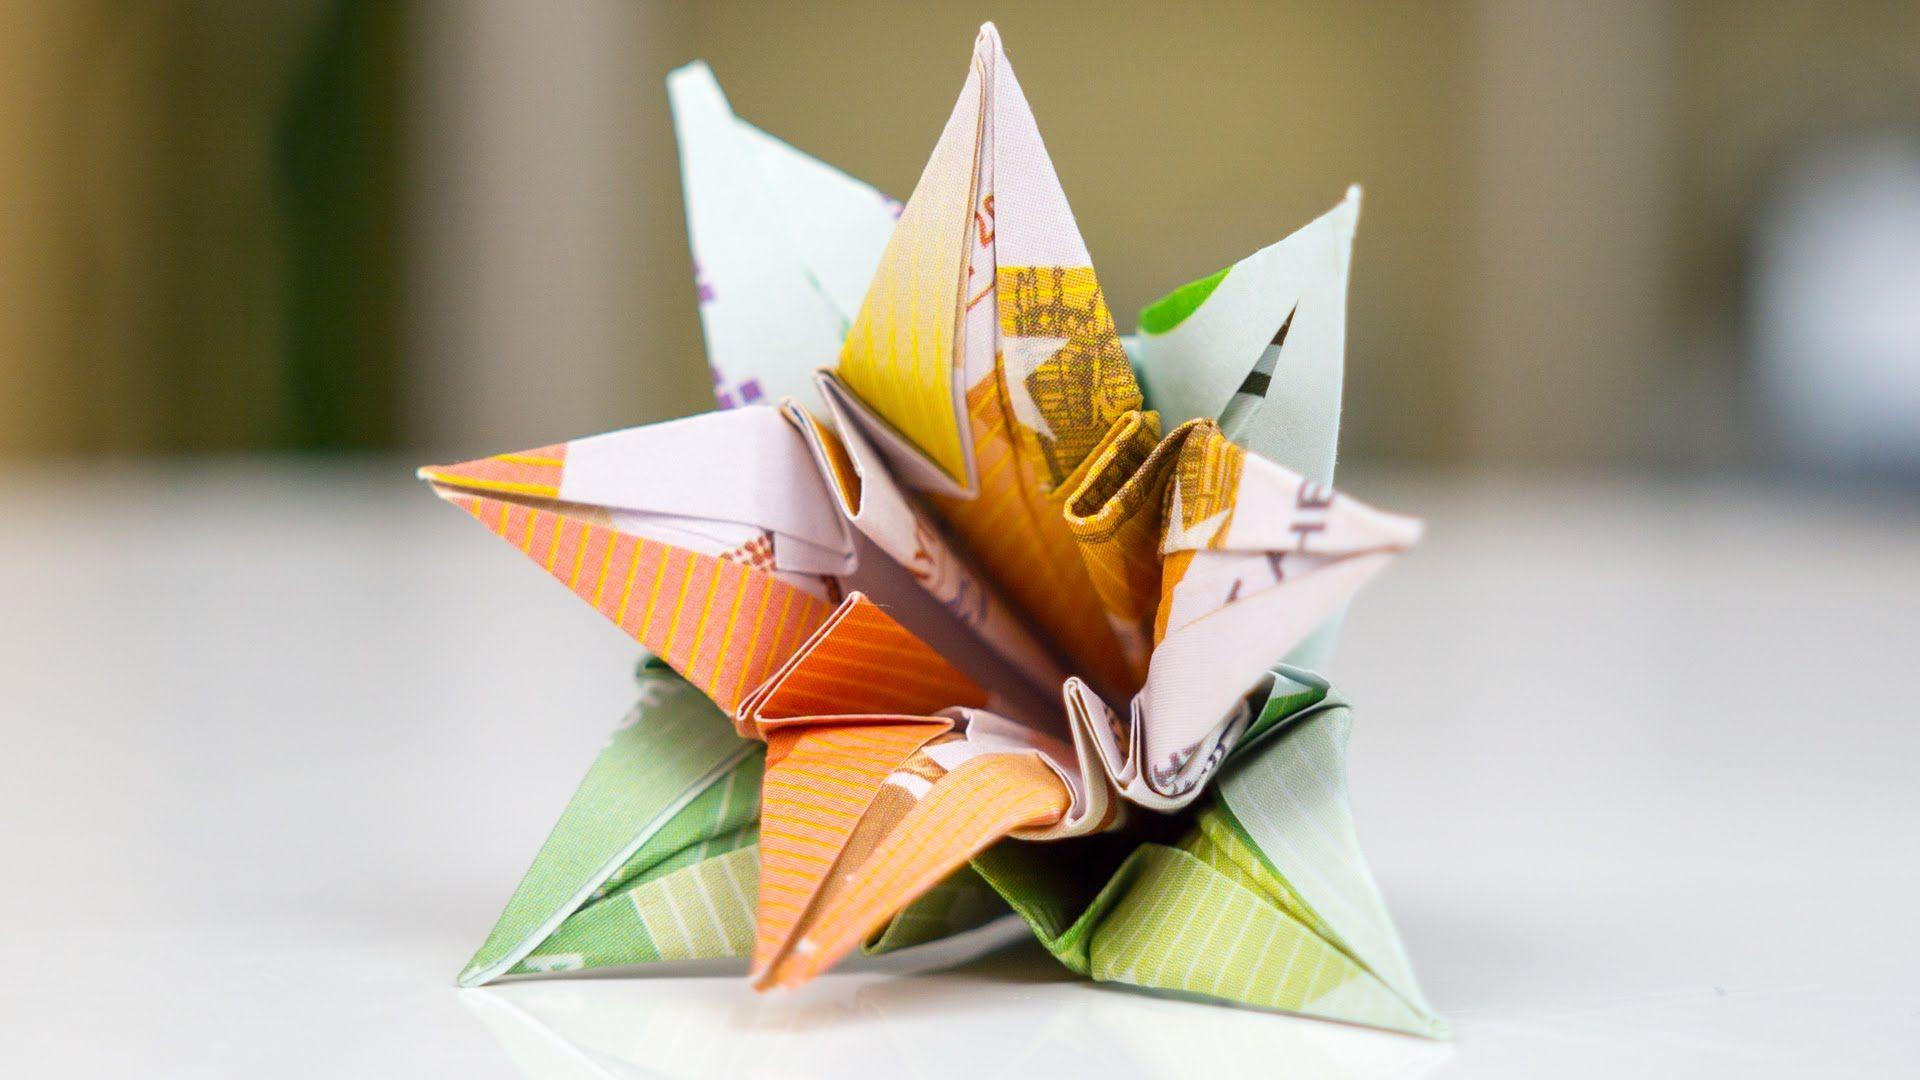 Geldgeschenk Hochzeit Blumen Falten Aus 2 Euro Geldscheinen Origami Anleitung Zum Basteln Eines Originellen Geldges Blumen Falten Geld Falten Blume Geschenke